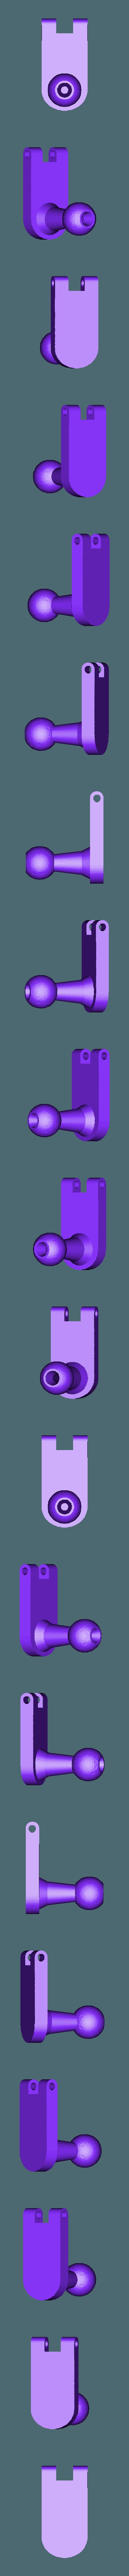 C270_Mount_v2.stl Download free STL file CR10, Ender Logitech c920, c270, c310, c910 20/20 camera mount system • 3D printing object, FedorSosnin